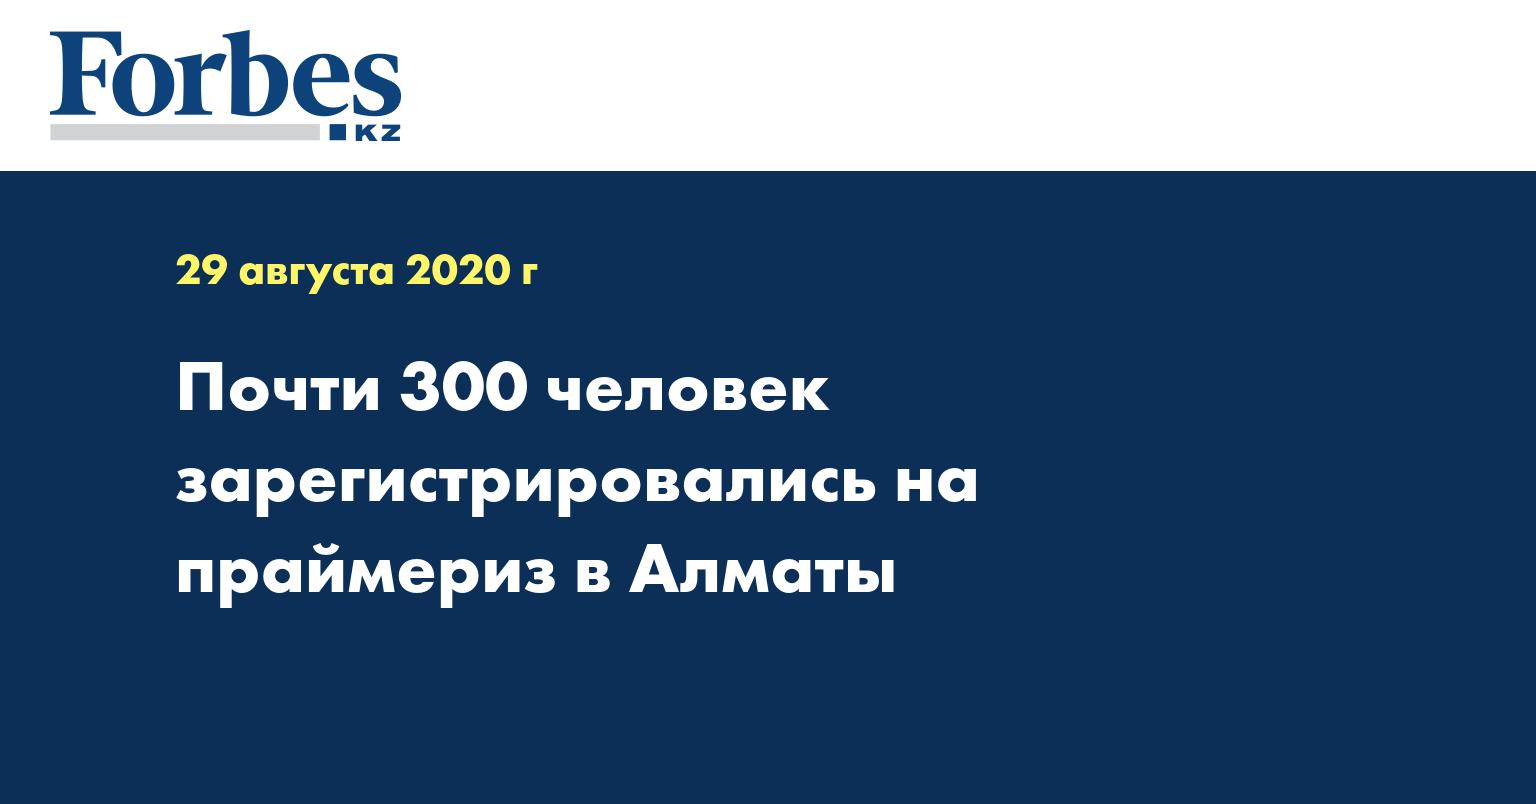 Почти 300 человек зарегистрировались на праймериз в Алматы